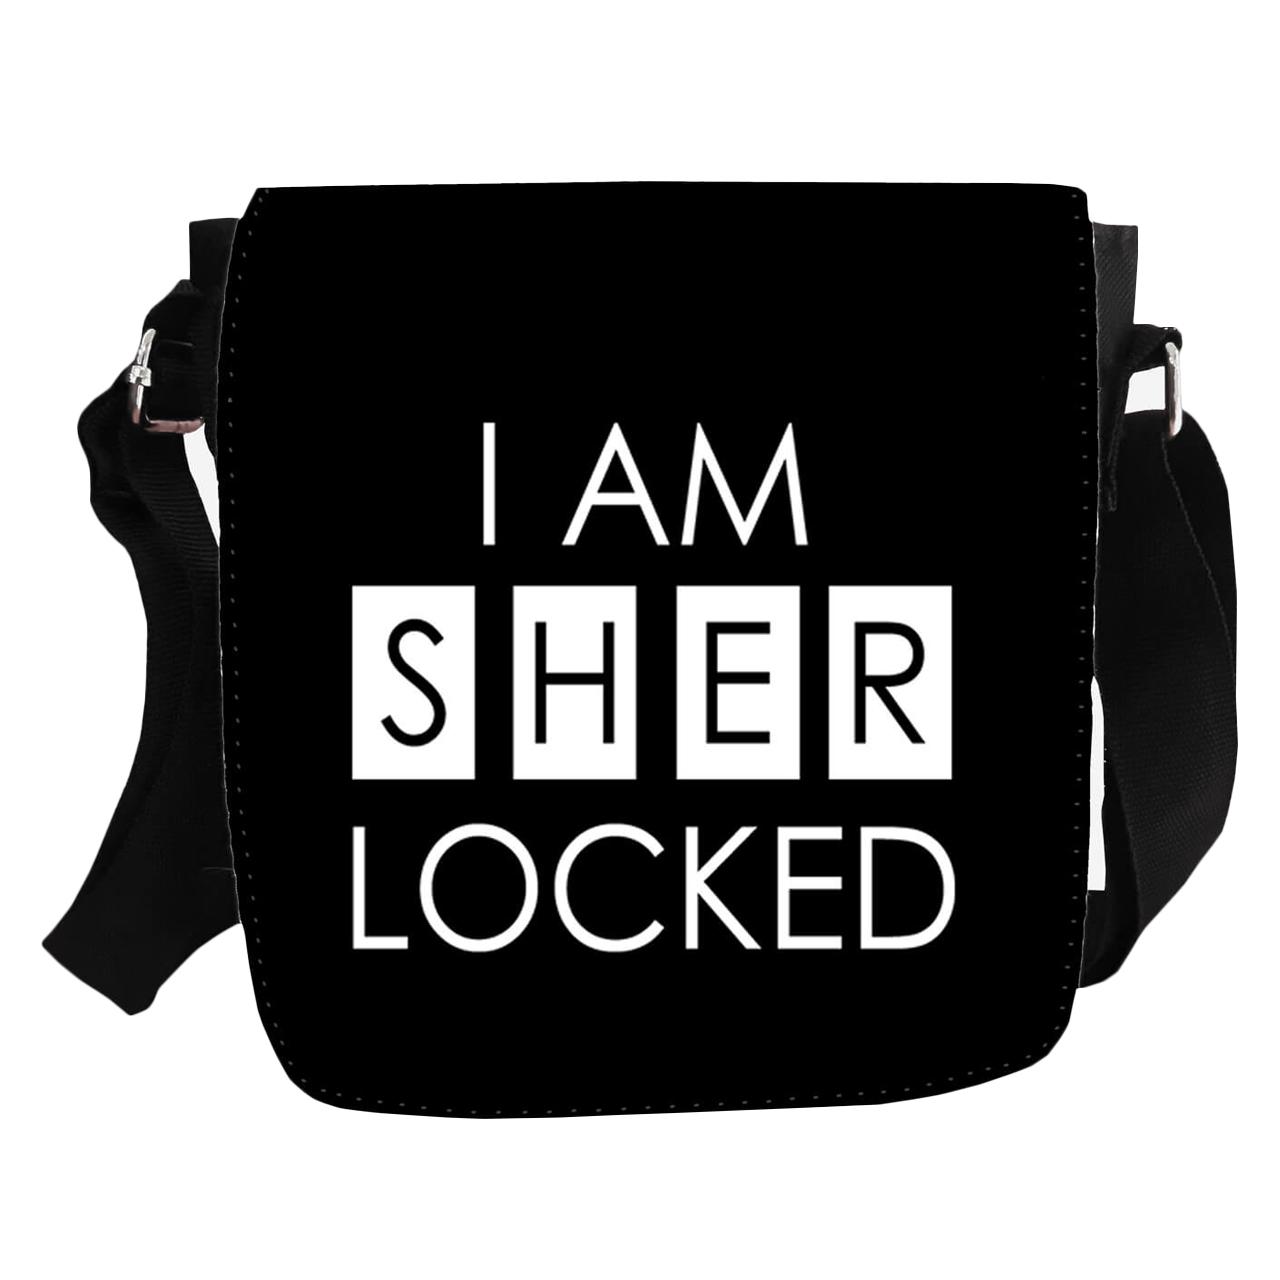 کیف دوشی طرح I am sher locked مدل KP-199